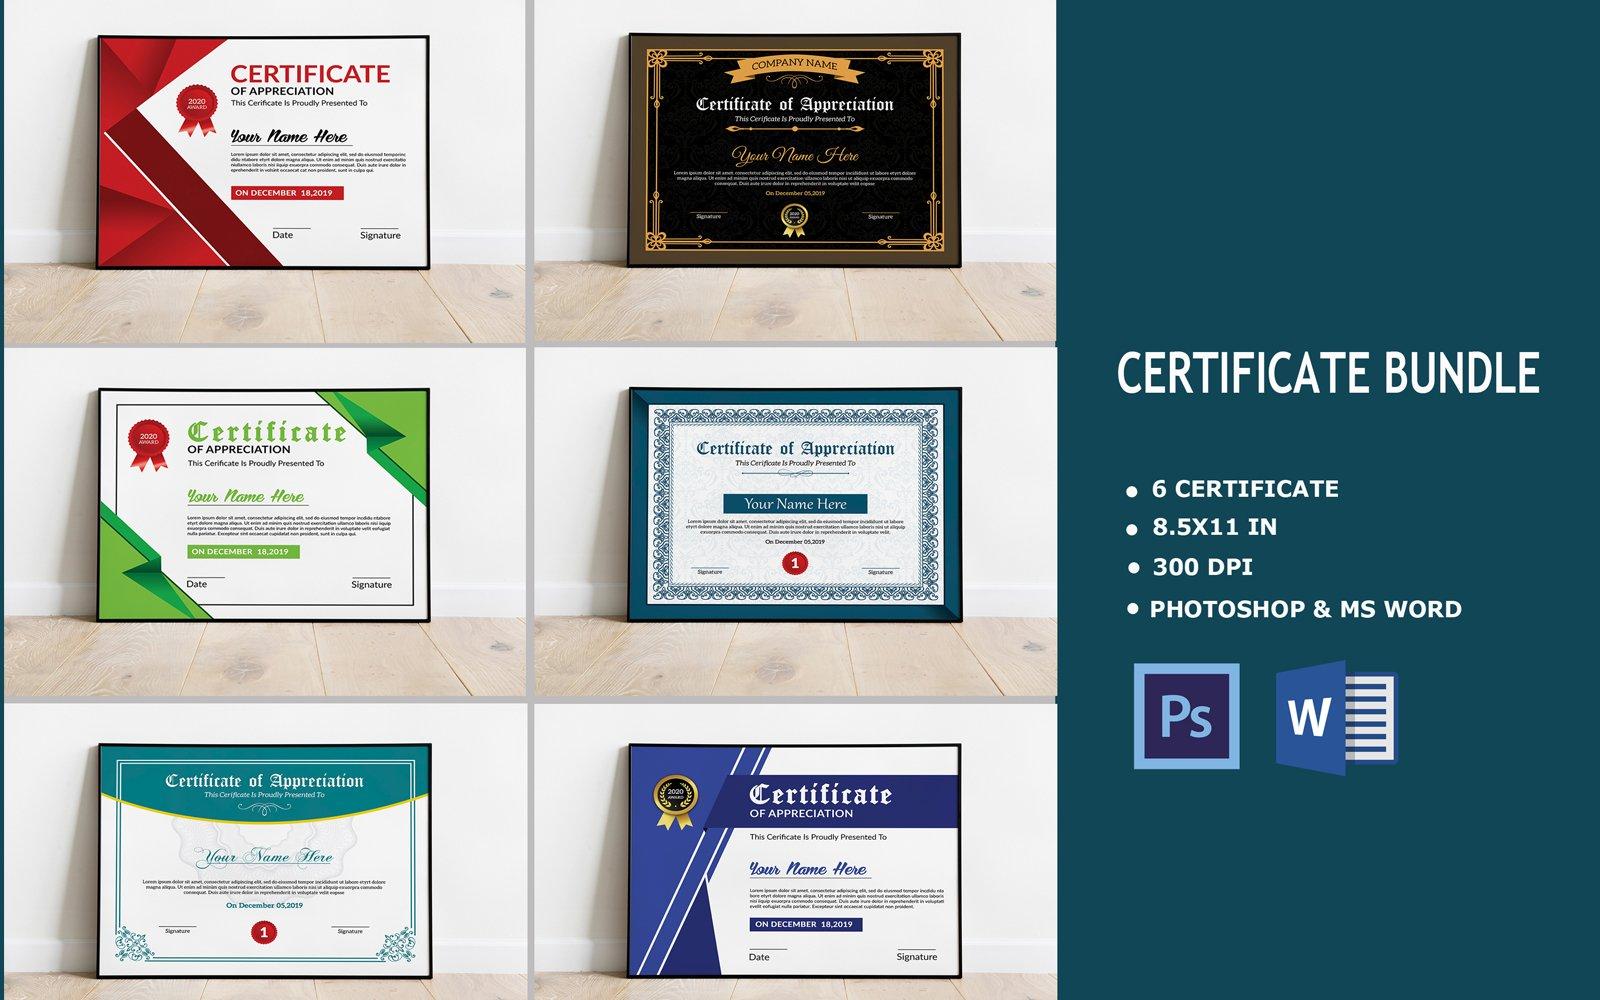 6 Bundle Certificate Template #122865